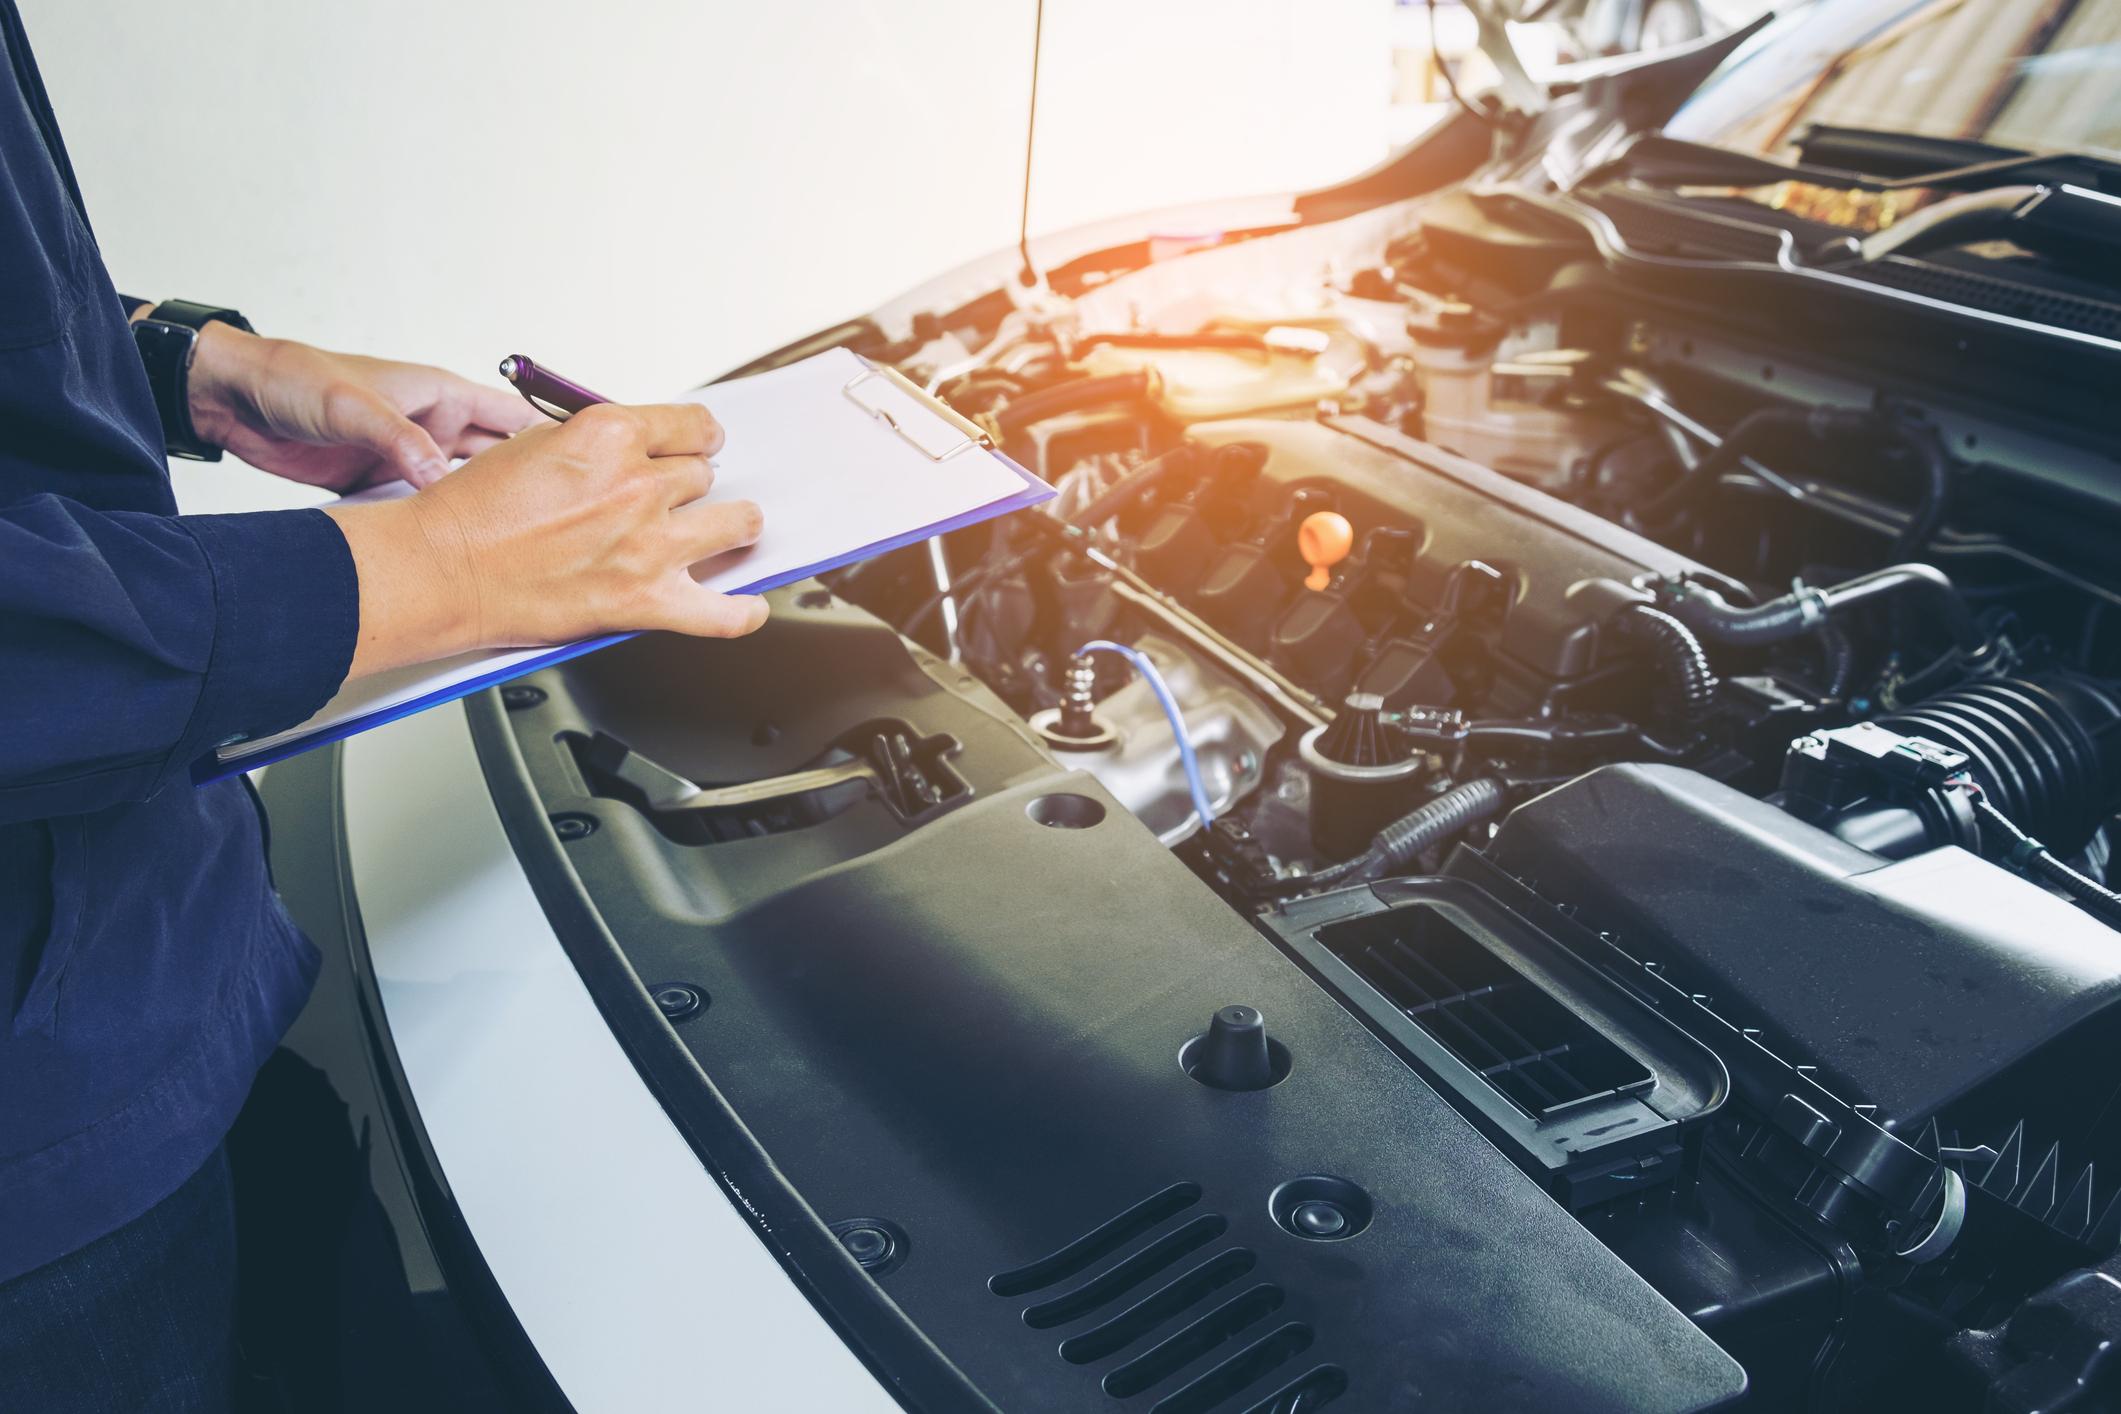 Imagem mostra um homem fazendo anotações na prancheta durante a revisão de um carro